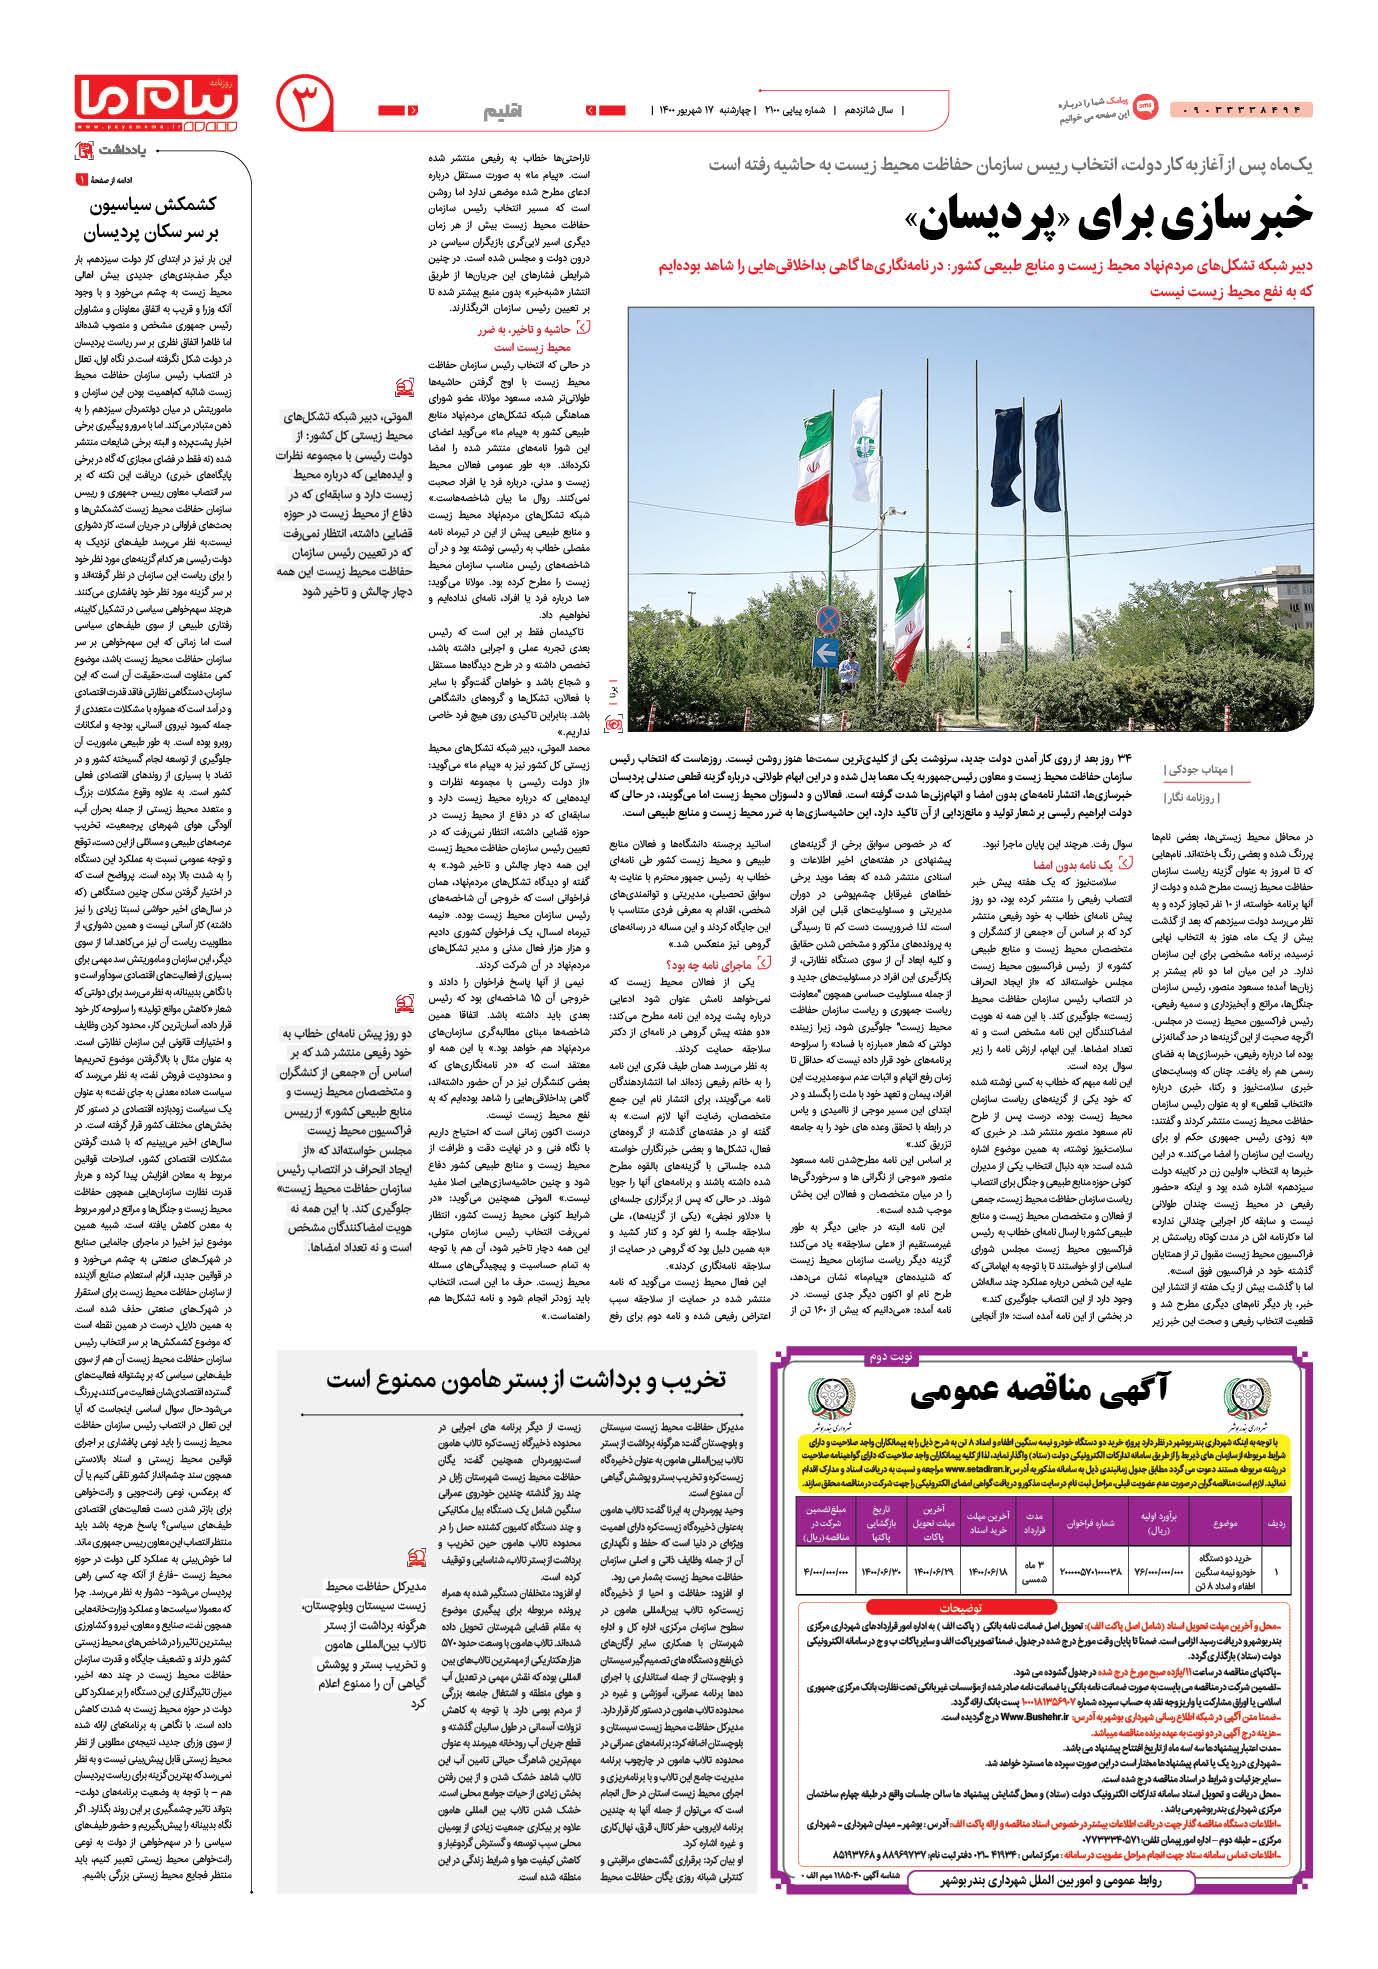 صفحه اقلیم شماره 2100 روزنامه پیام ما